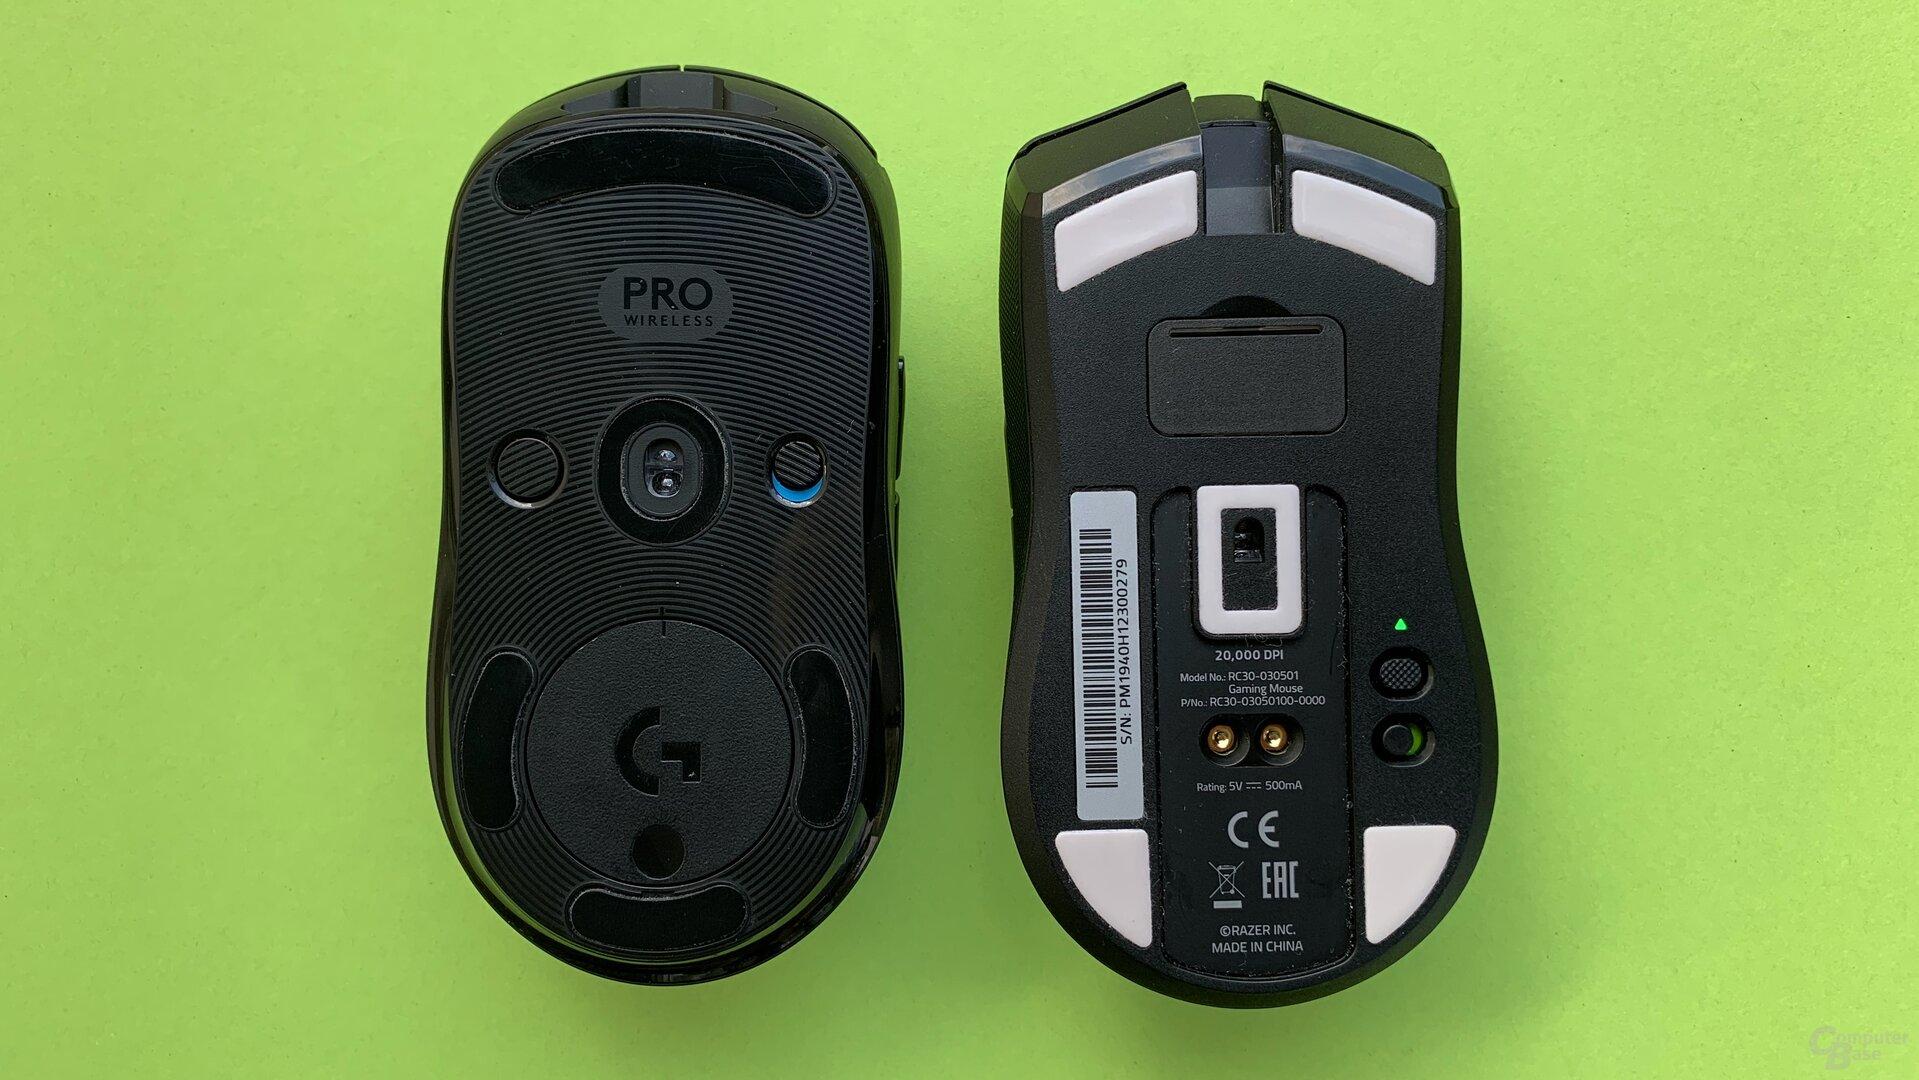 G Pro Wireless & Razer Viper Ultimate